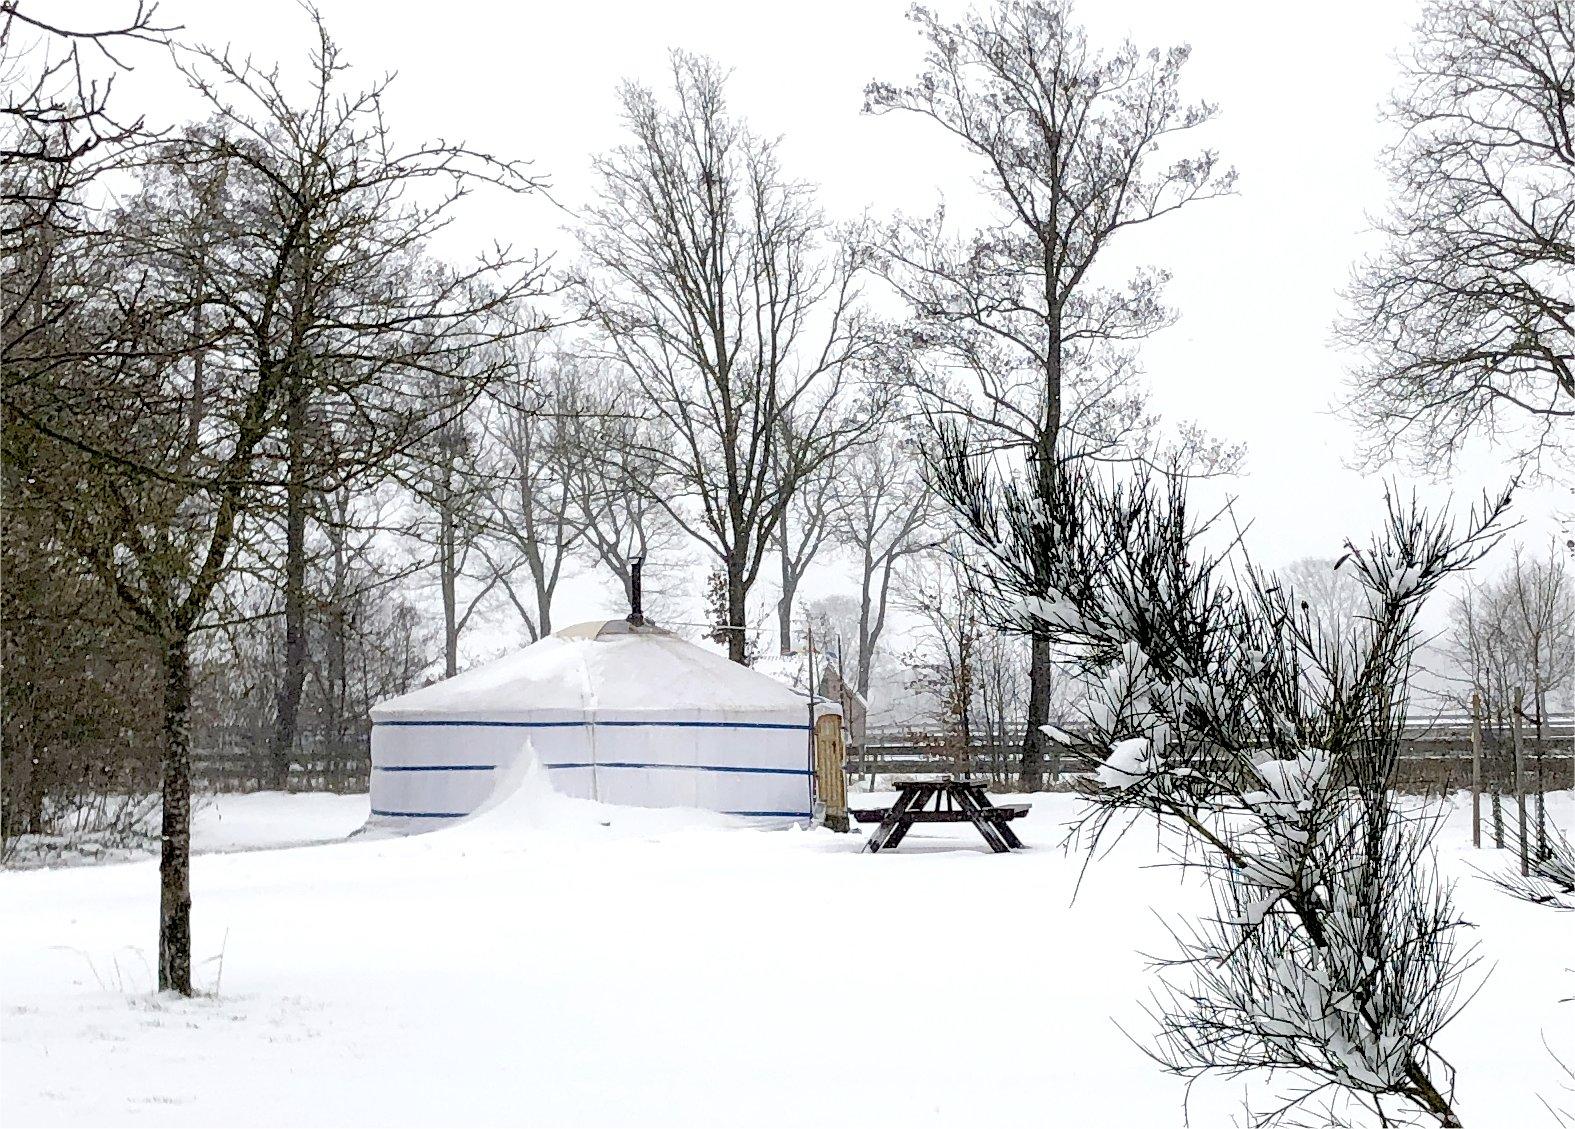 Yurt, Nederland, winter, winterkamperen, bed and breakfast, vakantie in eigen land